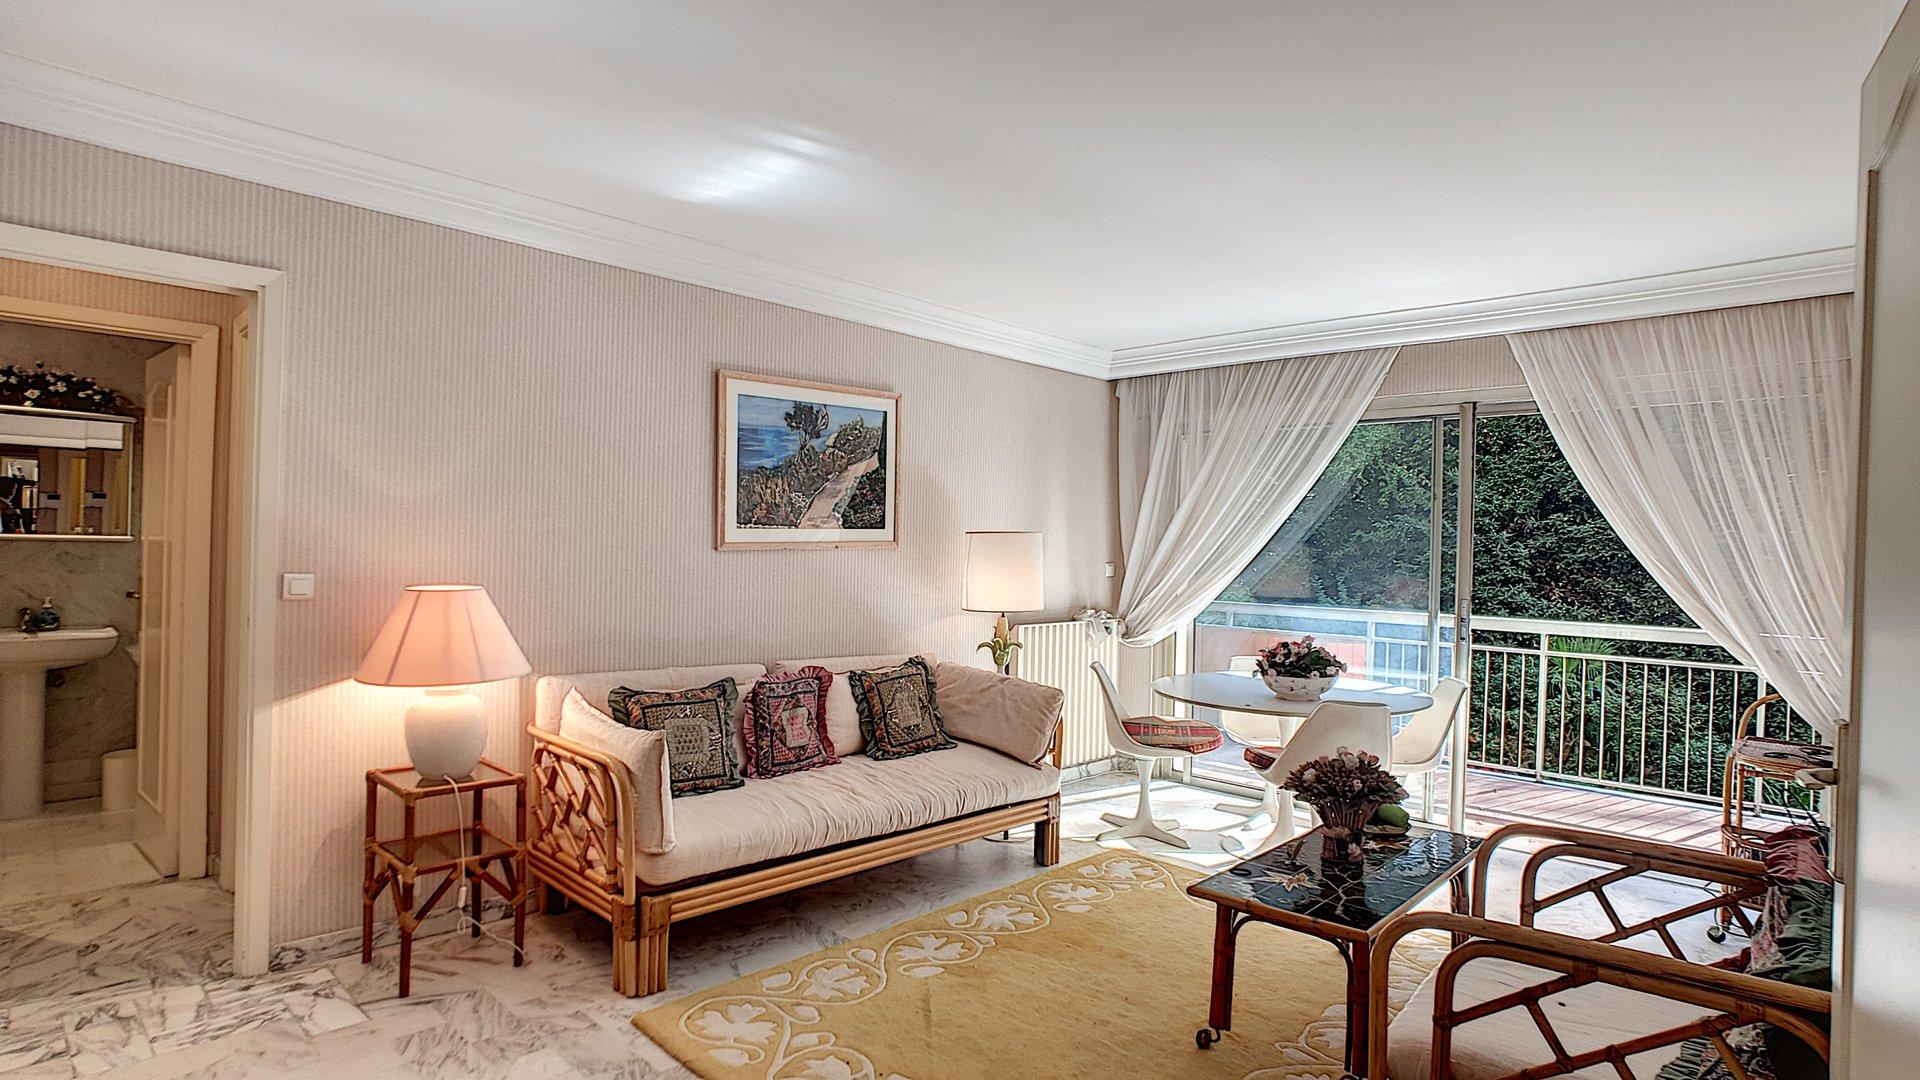 Lägenhet till salu i Cannes Basse Californie - renoveringsobjekt